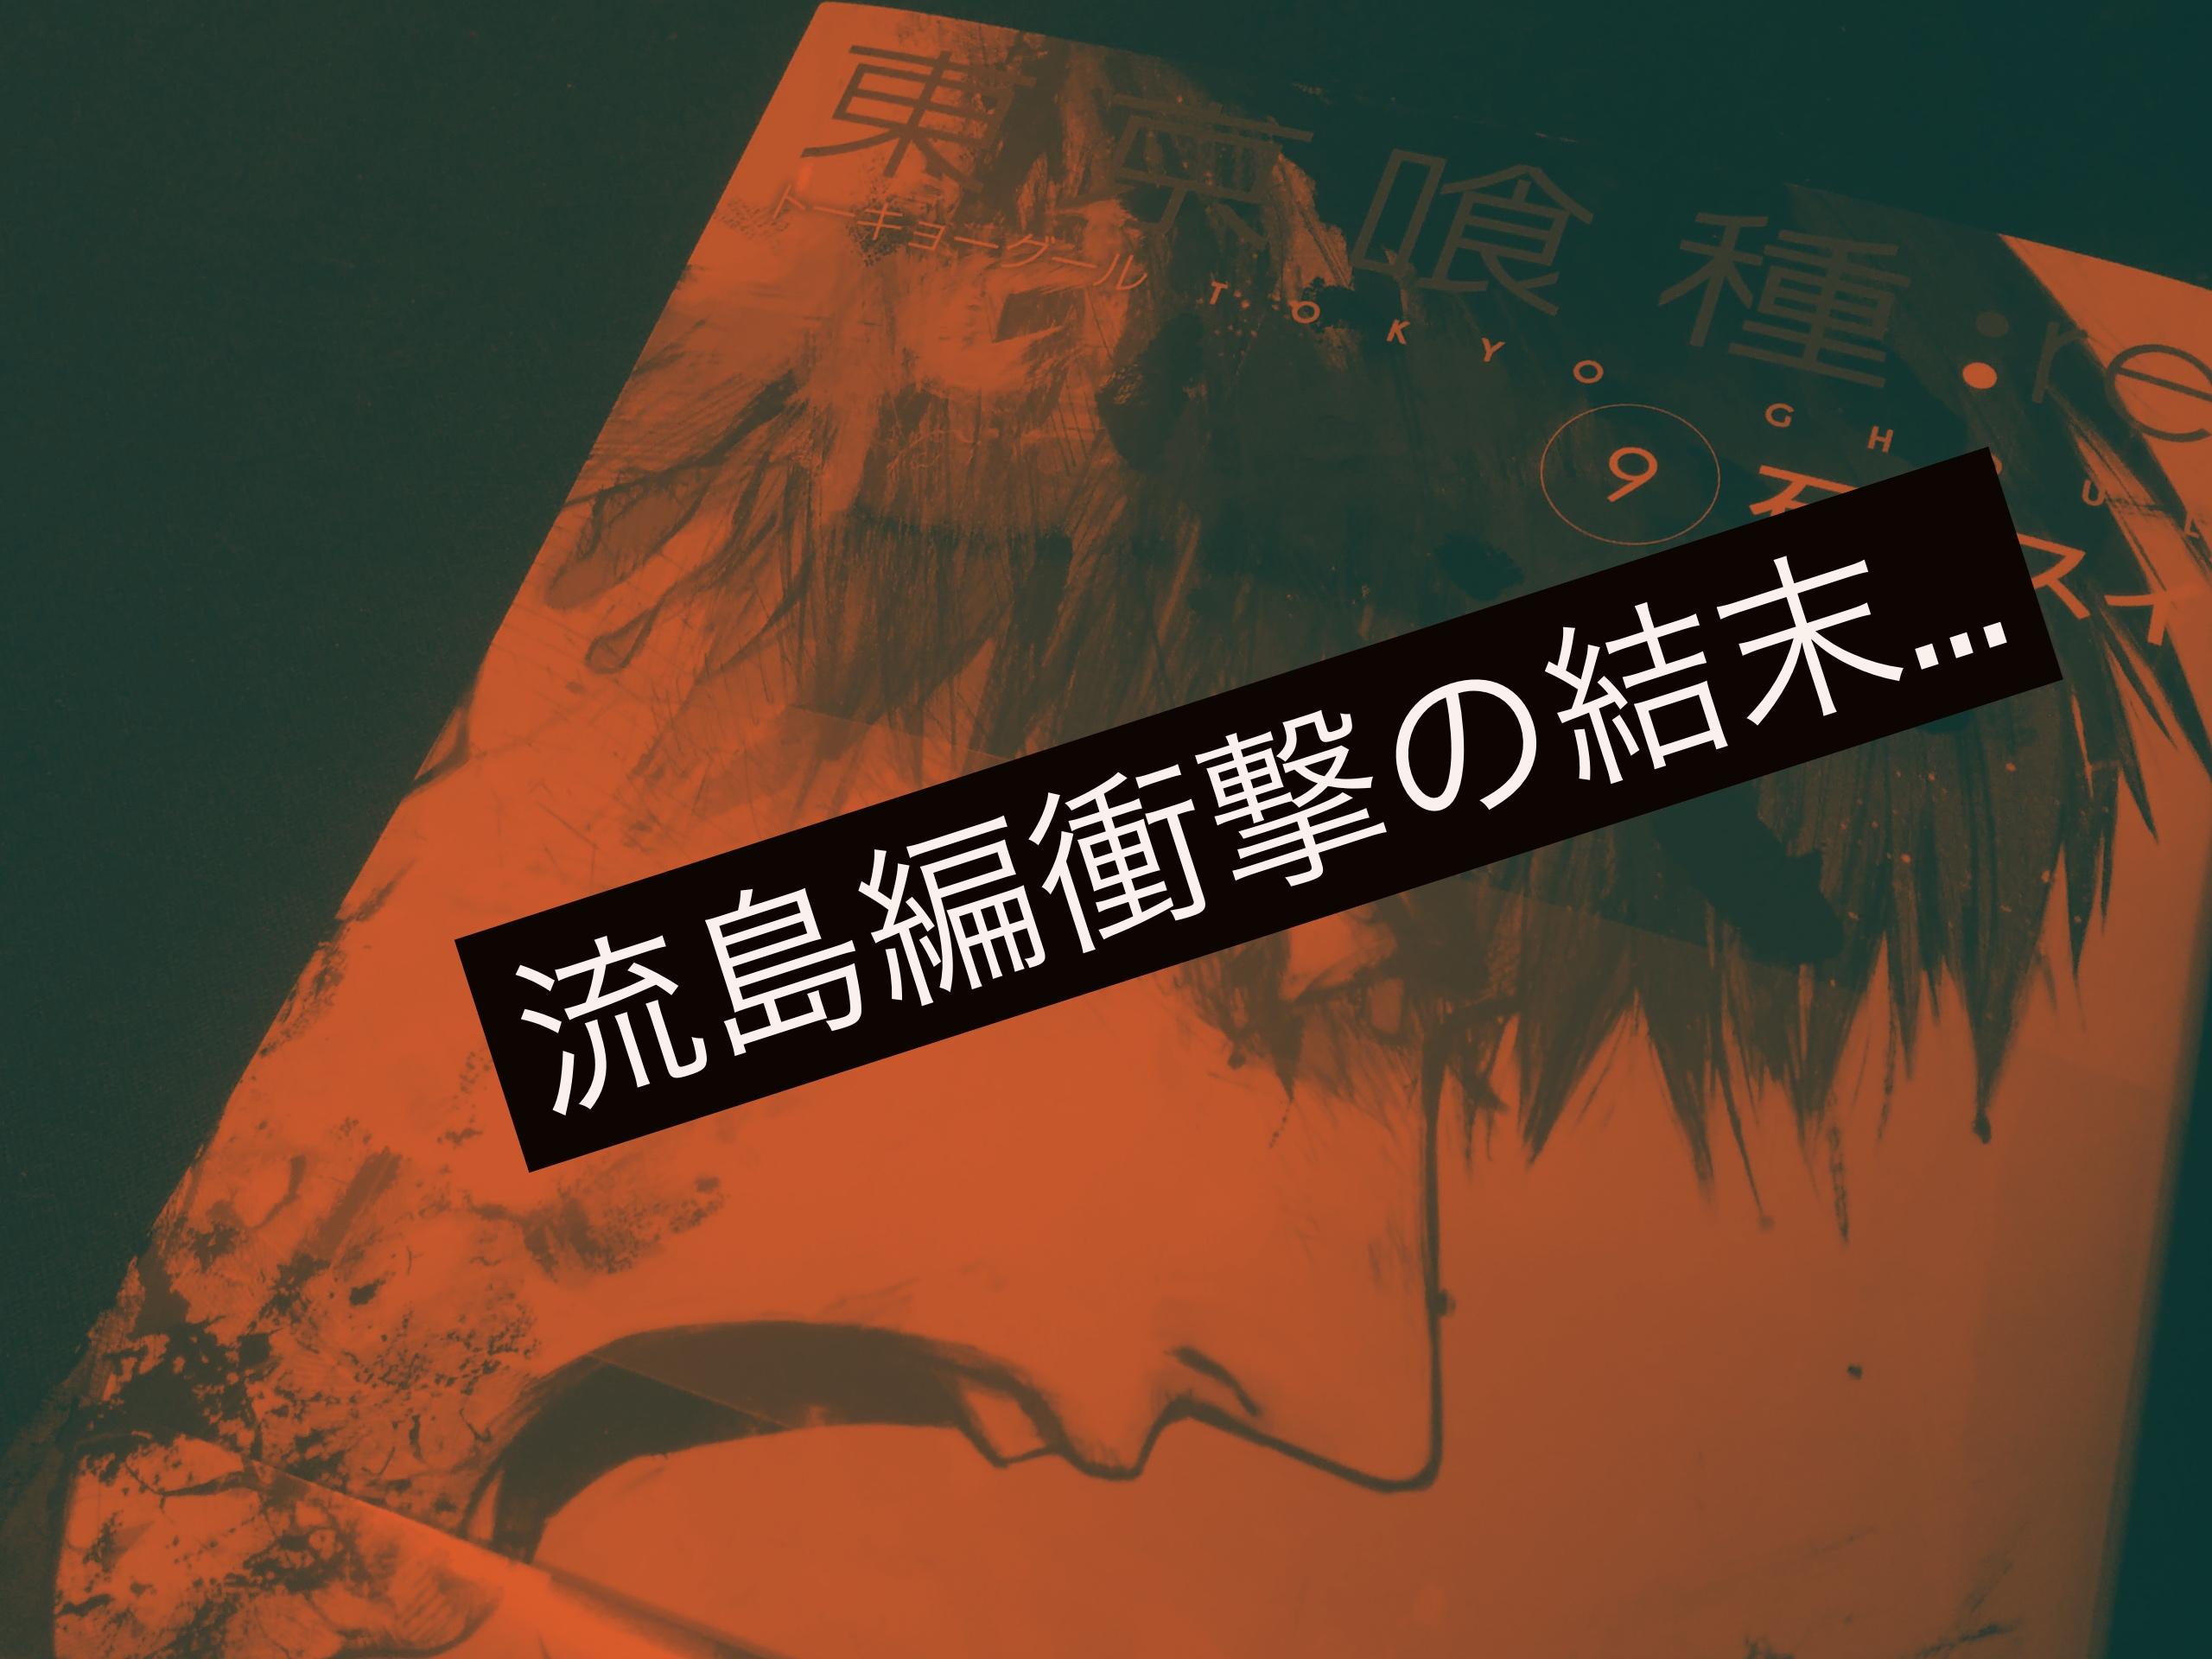 【感想】東京喰種:re9巻―流島編完結…残る者と去る者、物語は核心へ!